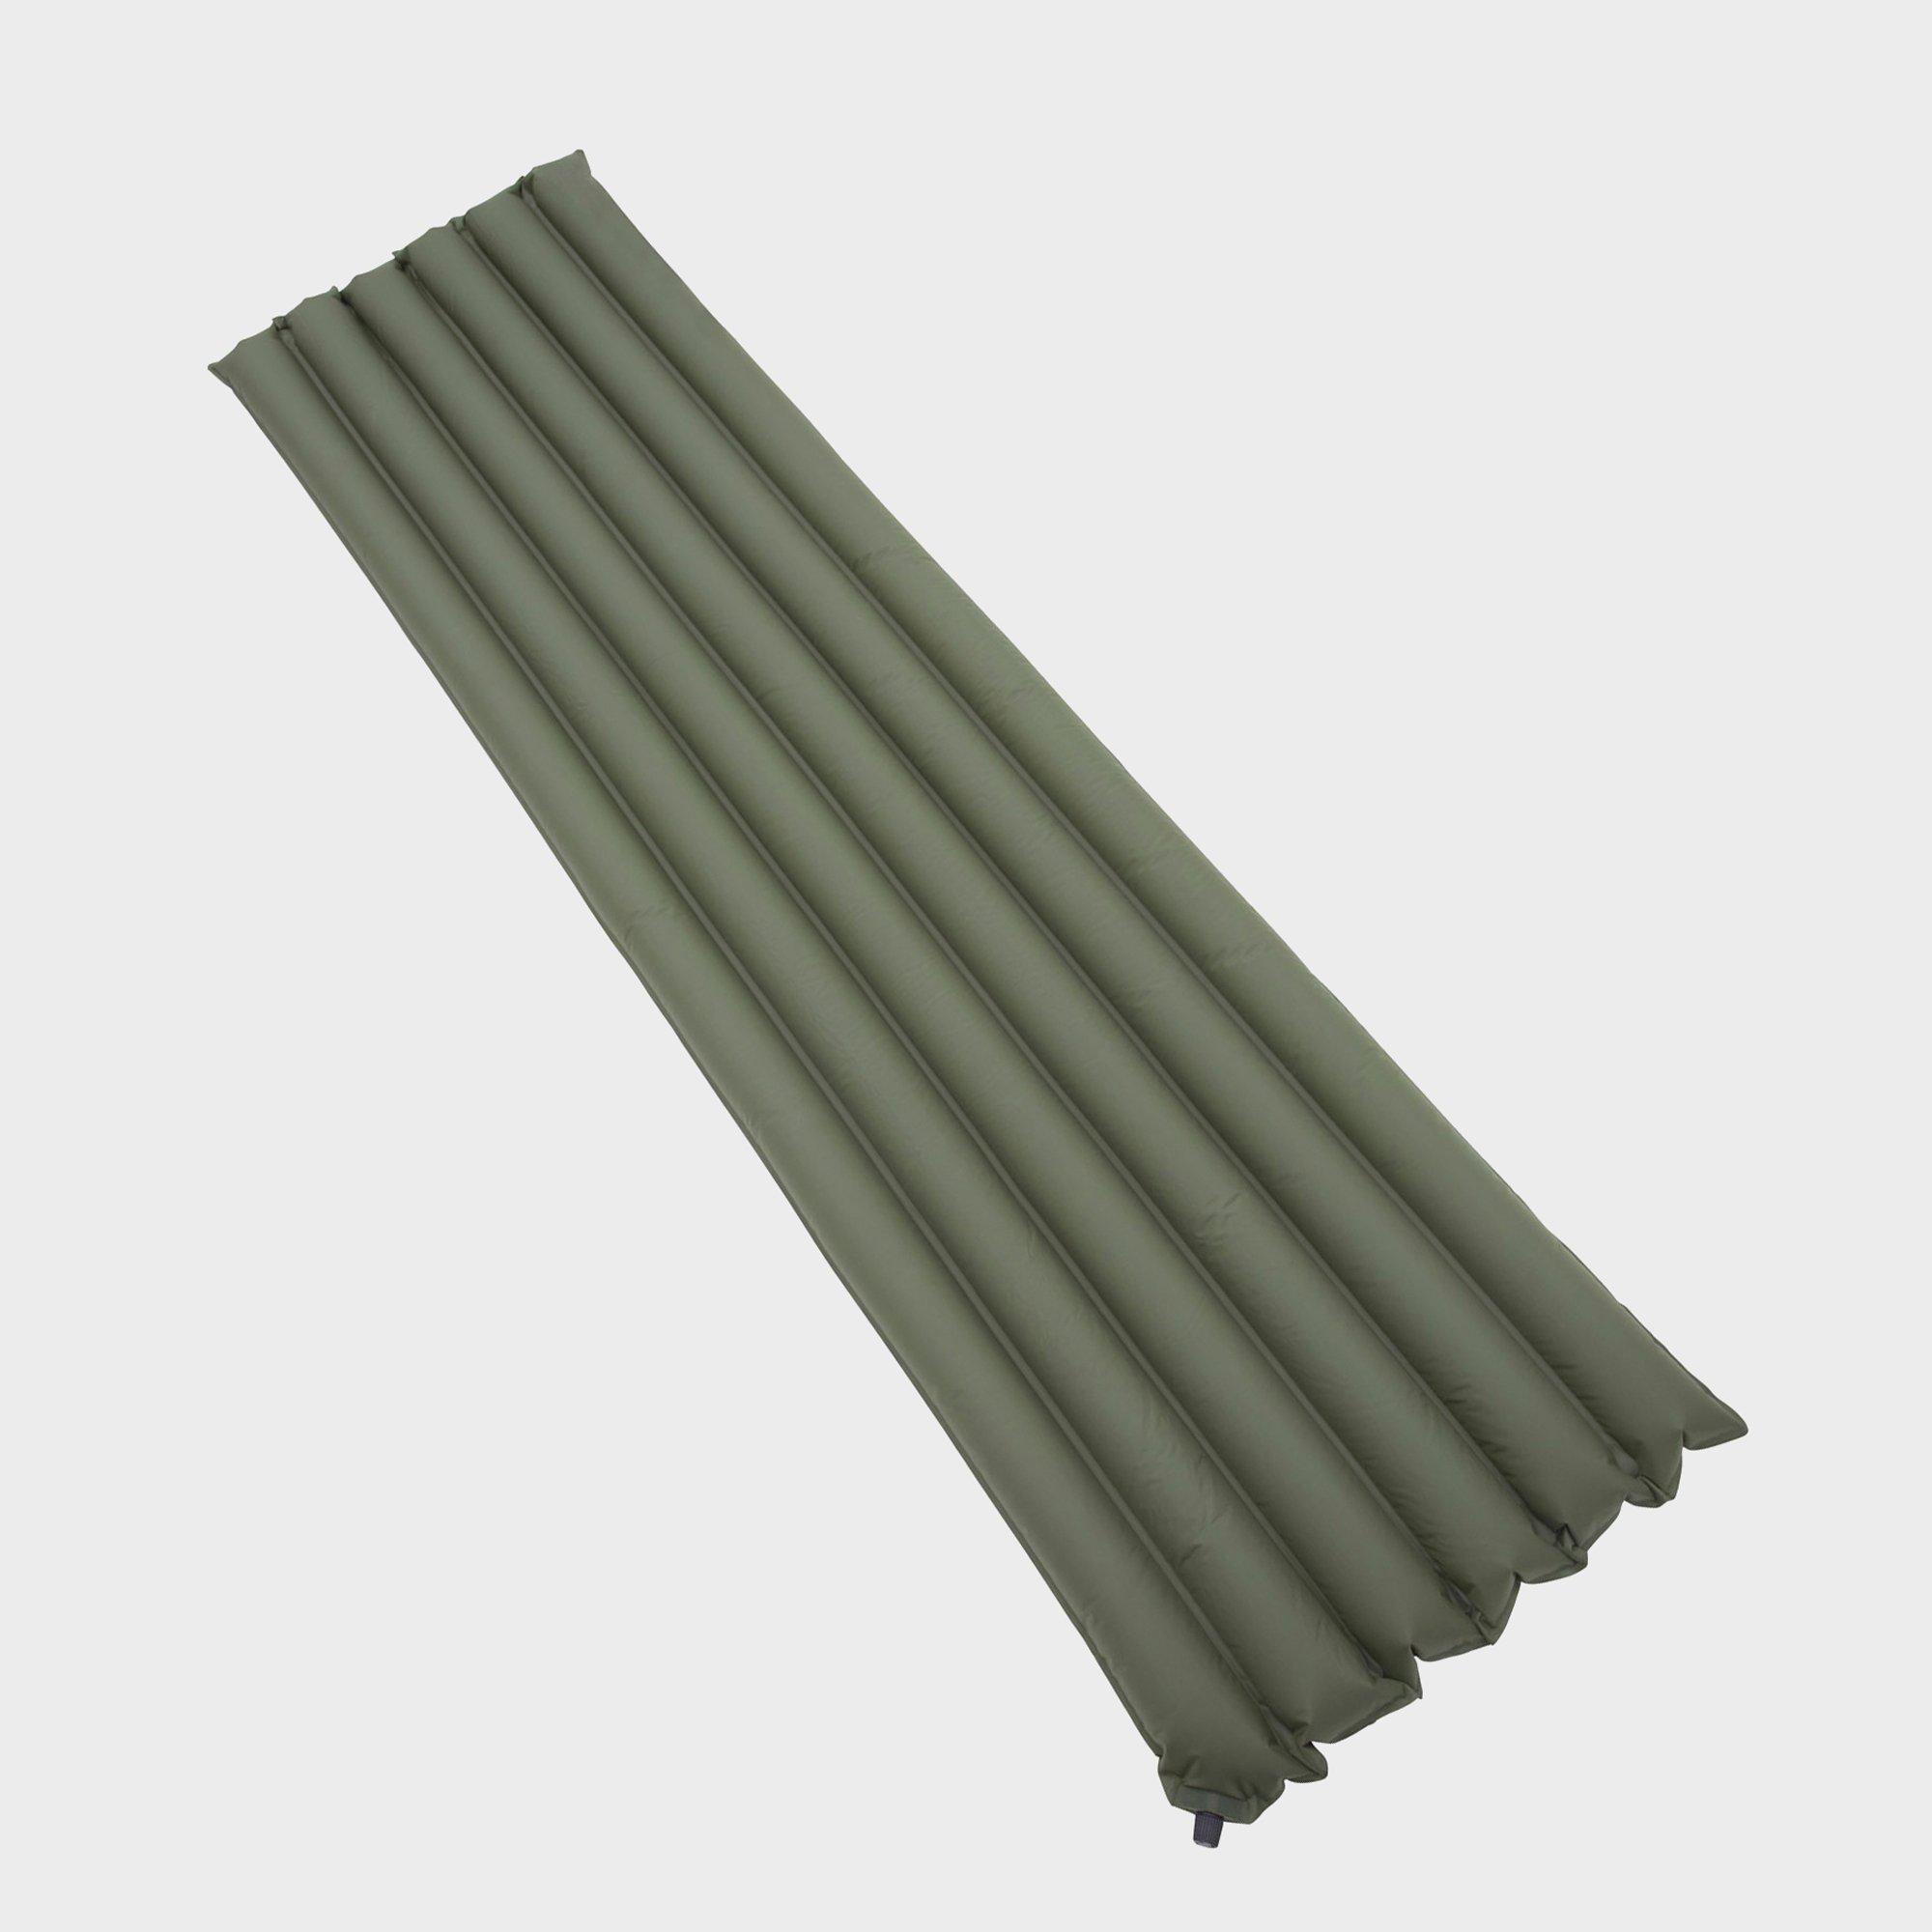 Multimat Camper Air Bed - Green/green  Green/green